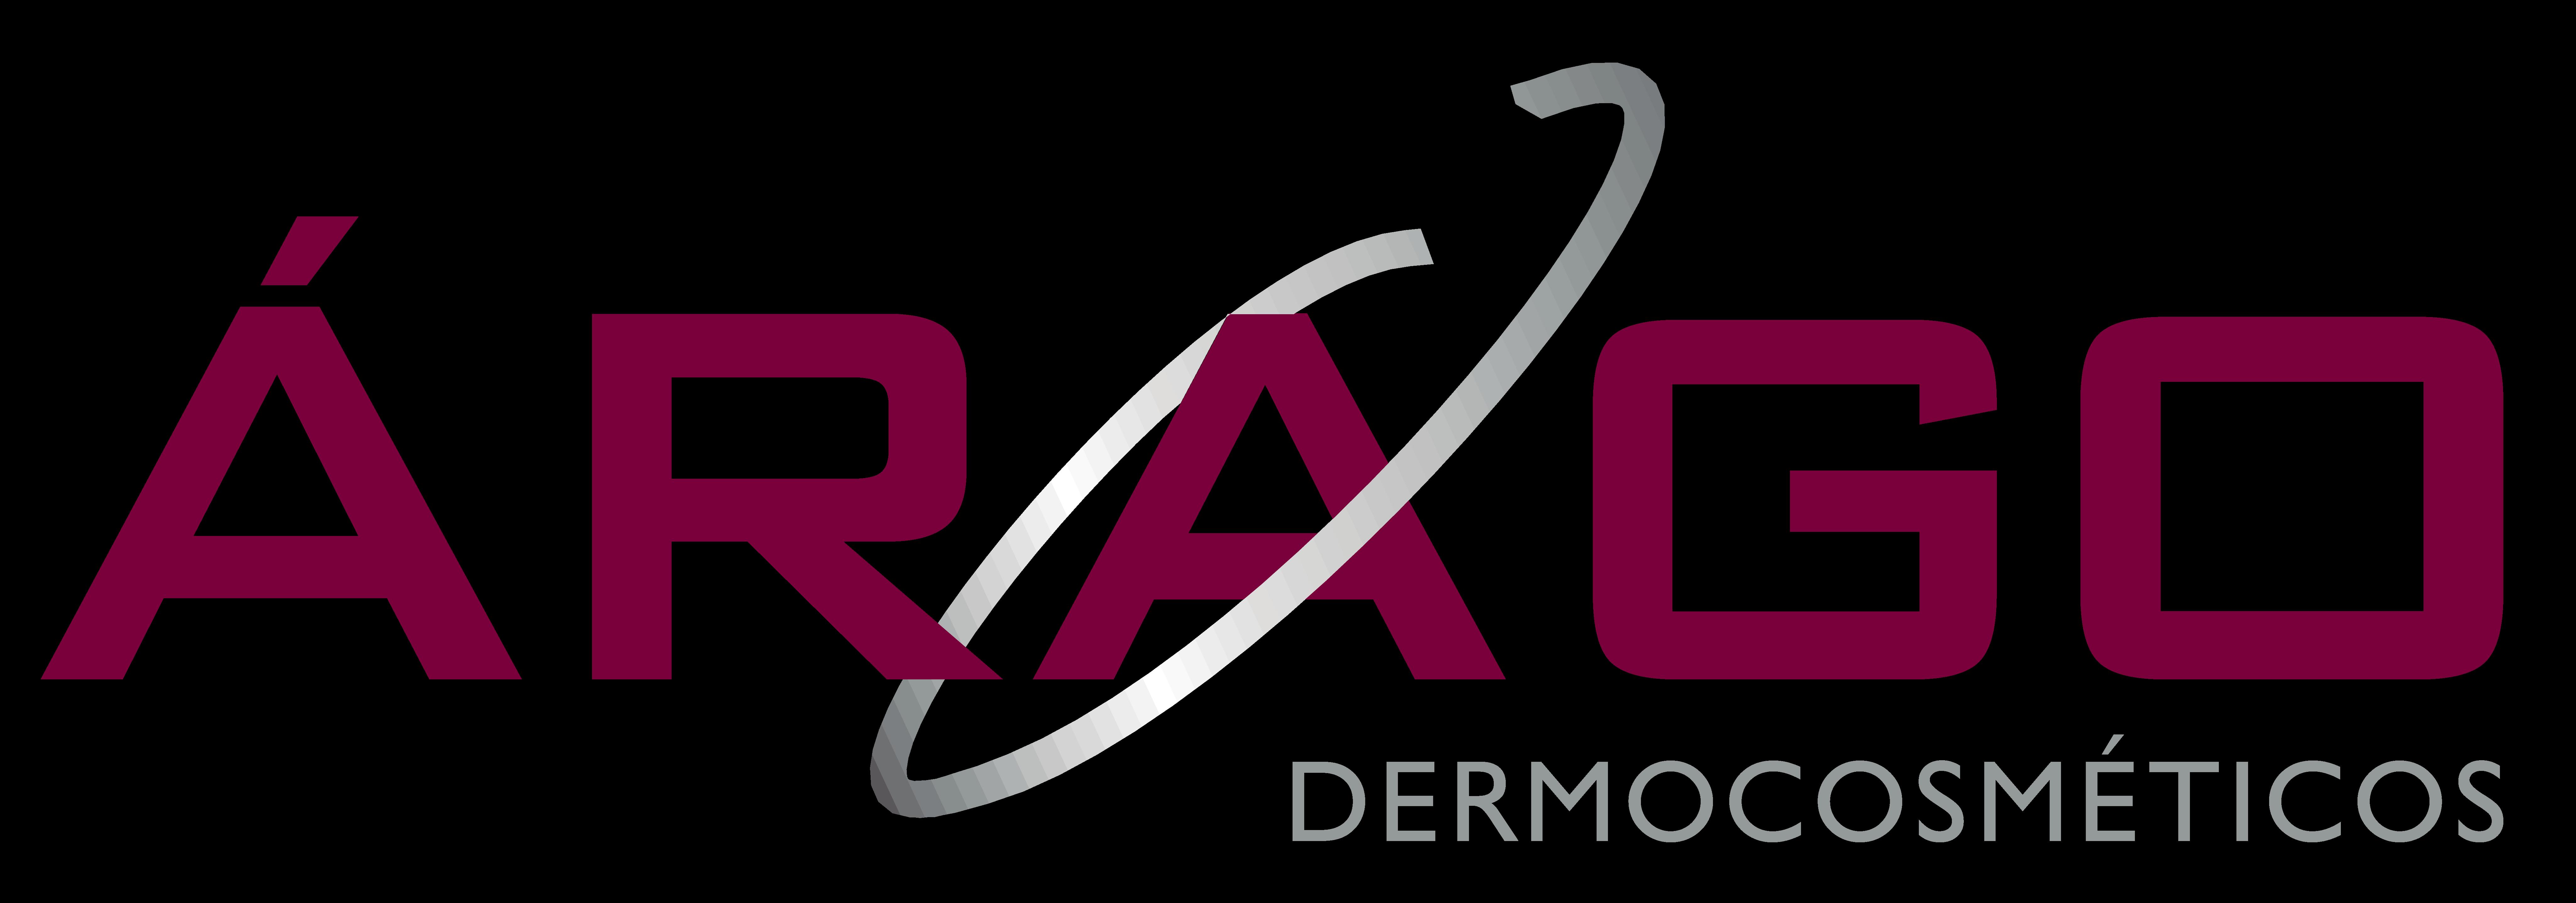 Árago Dermocosméticos